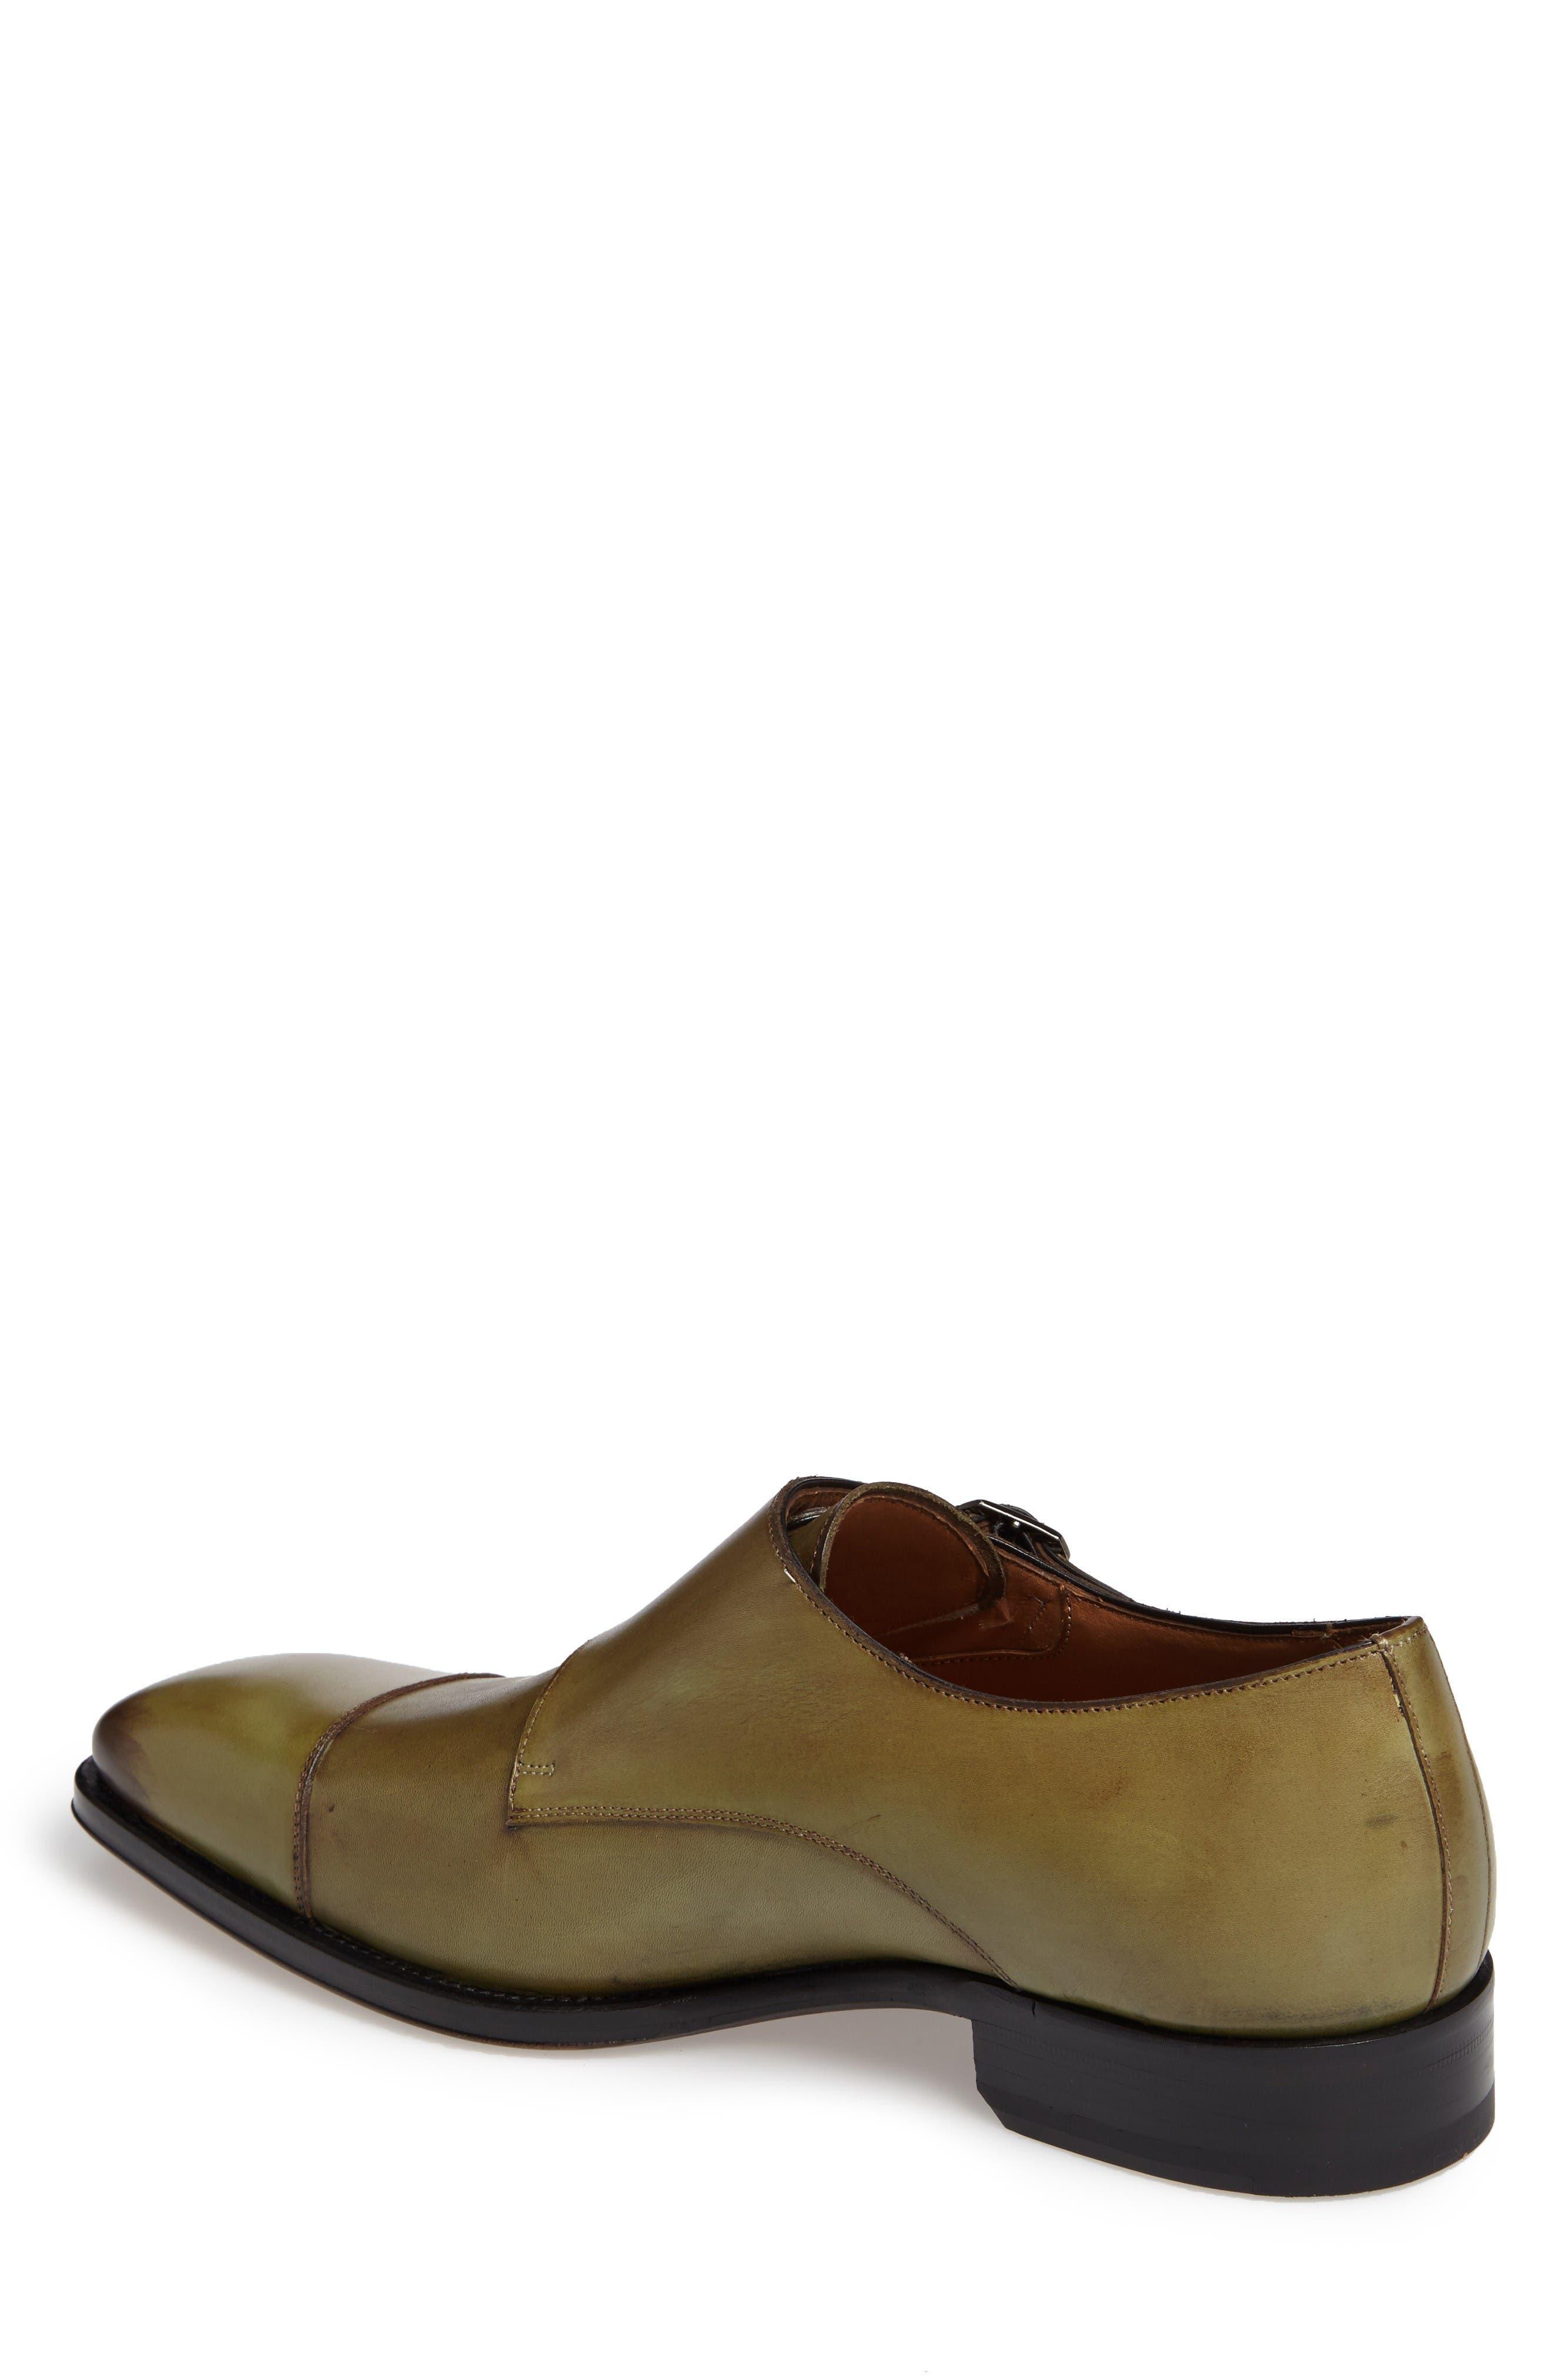 Alternate Image 2  - Mezlan Cajal Double Monk Strap Cap Toe Shoe (Men)